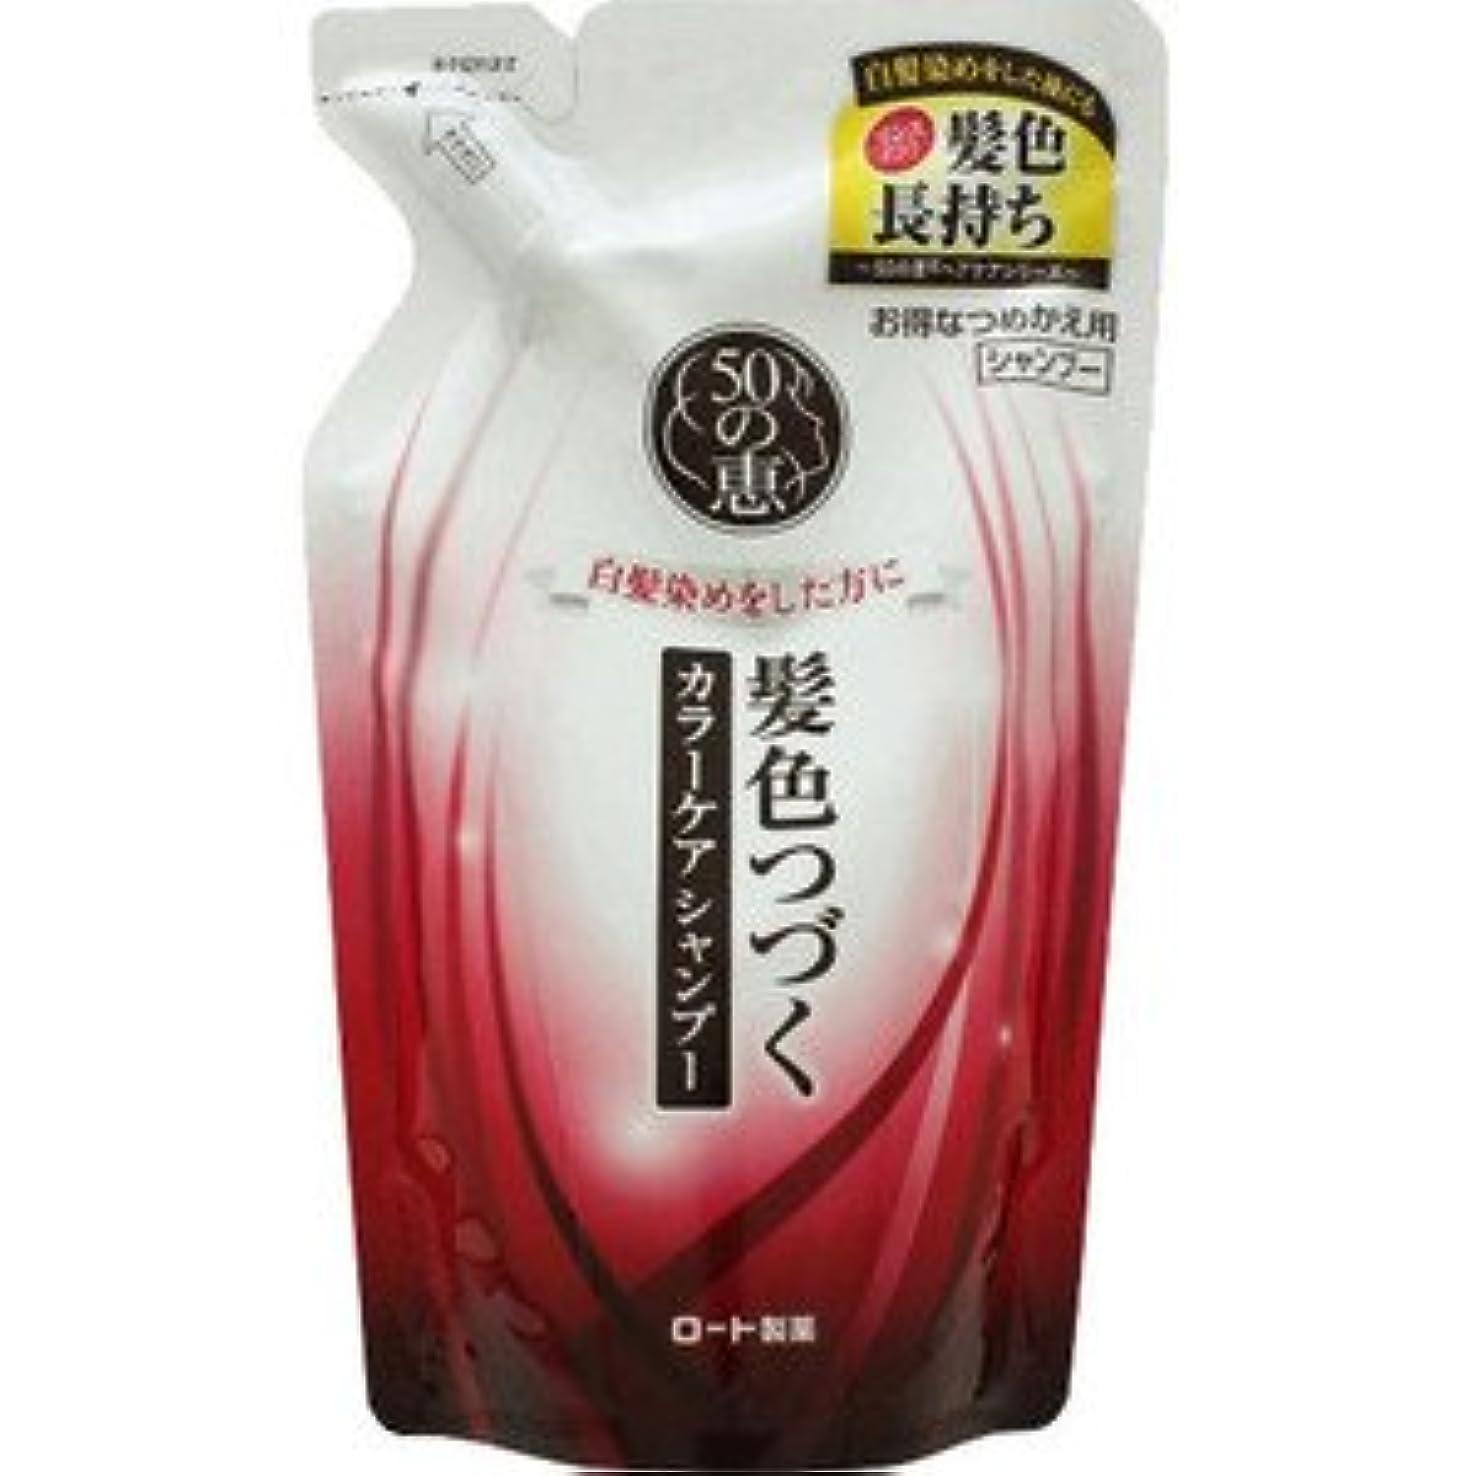 ささいなヒゲクジラ天皇(ロート製薬)50の恵 髪色つづく カラーケア シャンプー(つめかえ用) 330ml(お買い得3個セット)